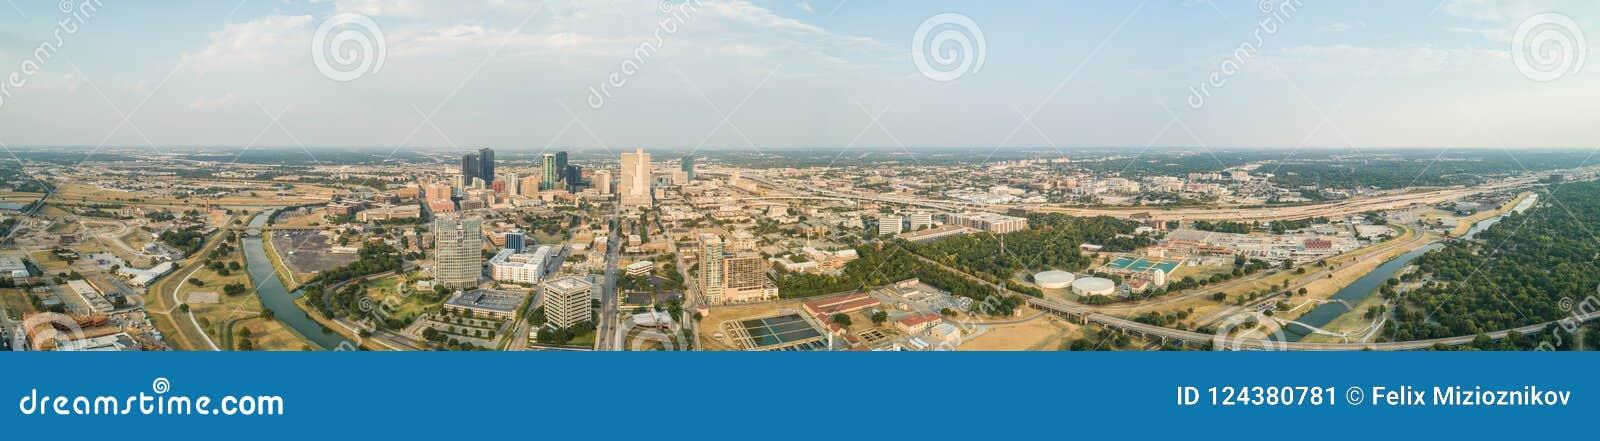 Εναέριο πανόραμα Fort Worth Τέξας